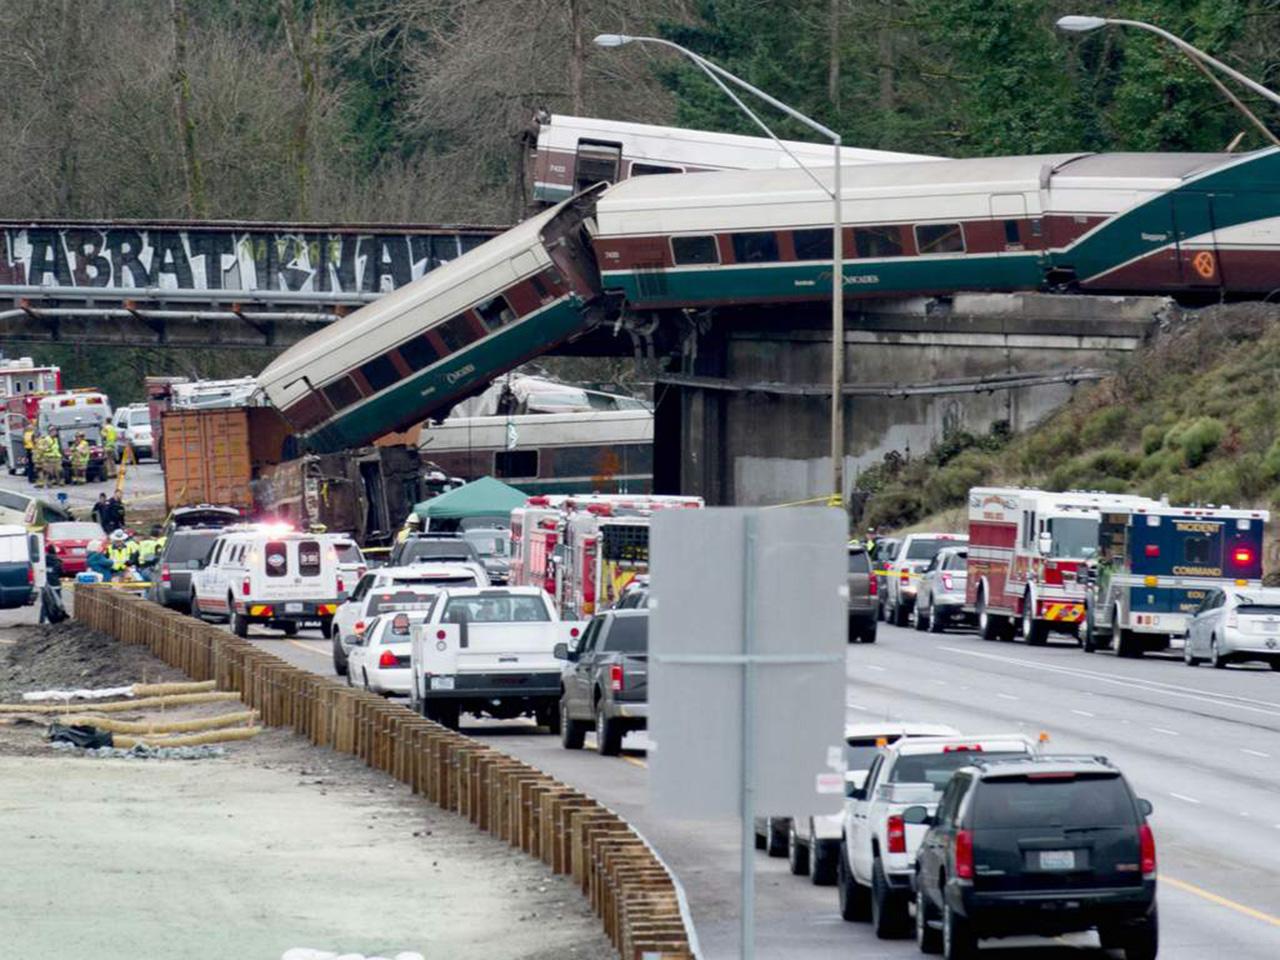 El tren que descarriló en EEUU iba a más del doble de la velocidad permitida